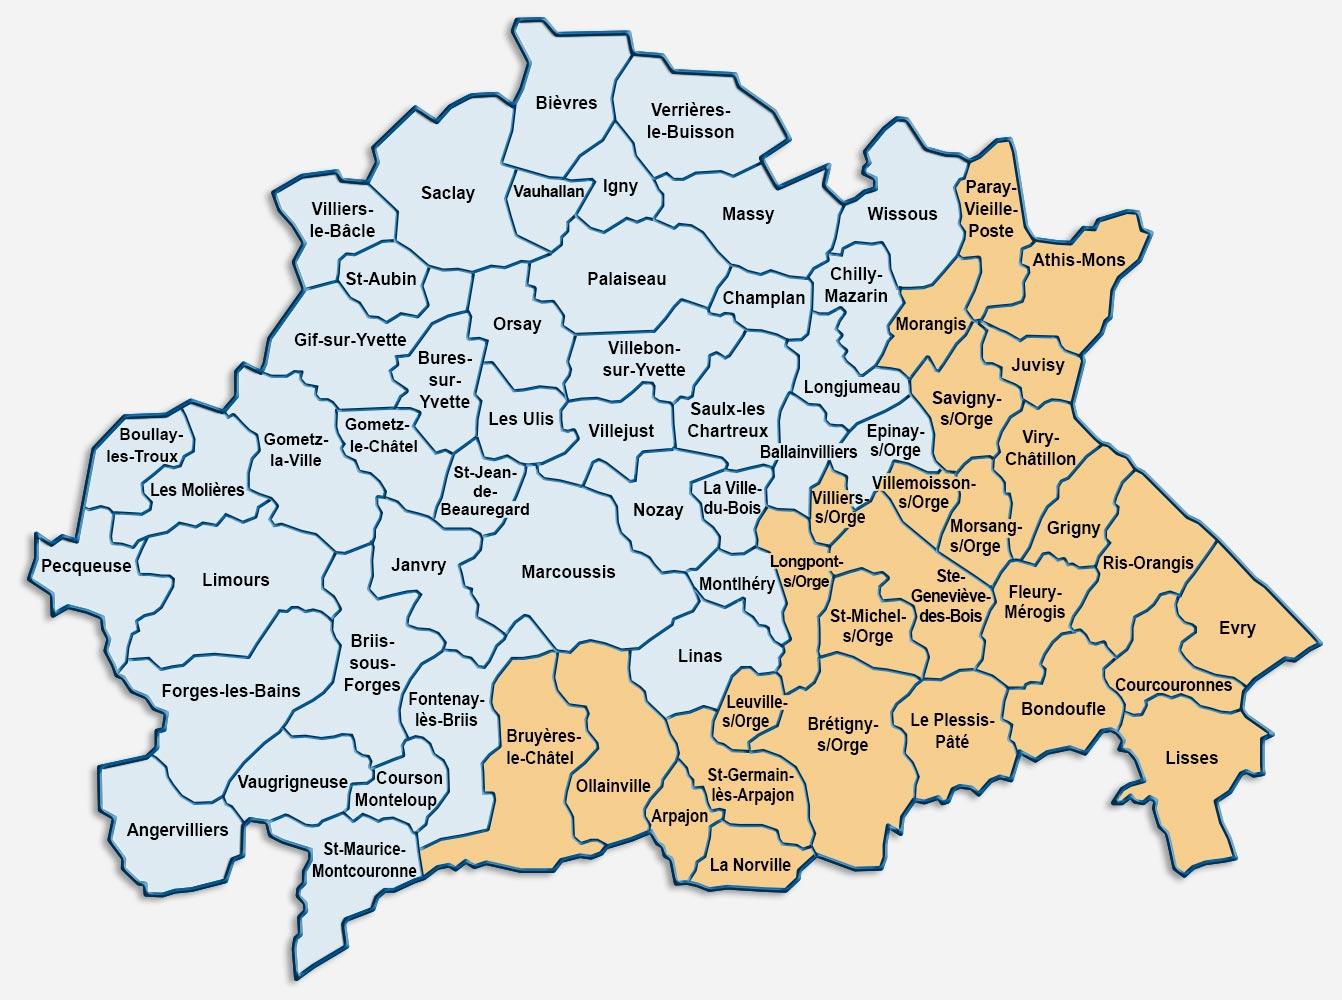 Carte de la zone d'activité de MSSD (Nord-Ouest de l'Essonne)